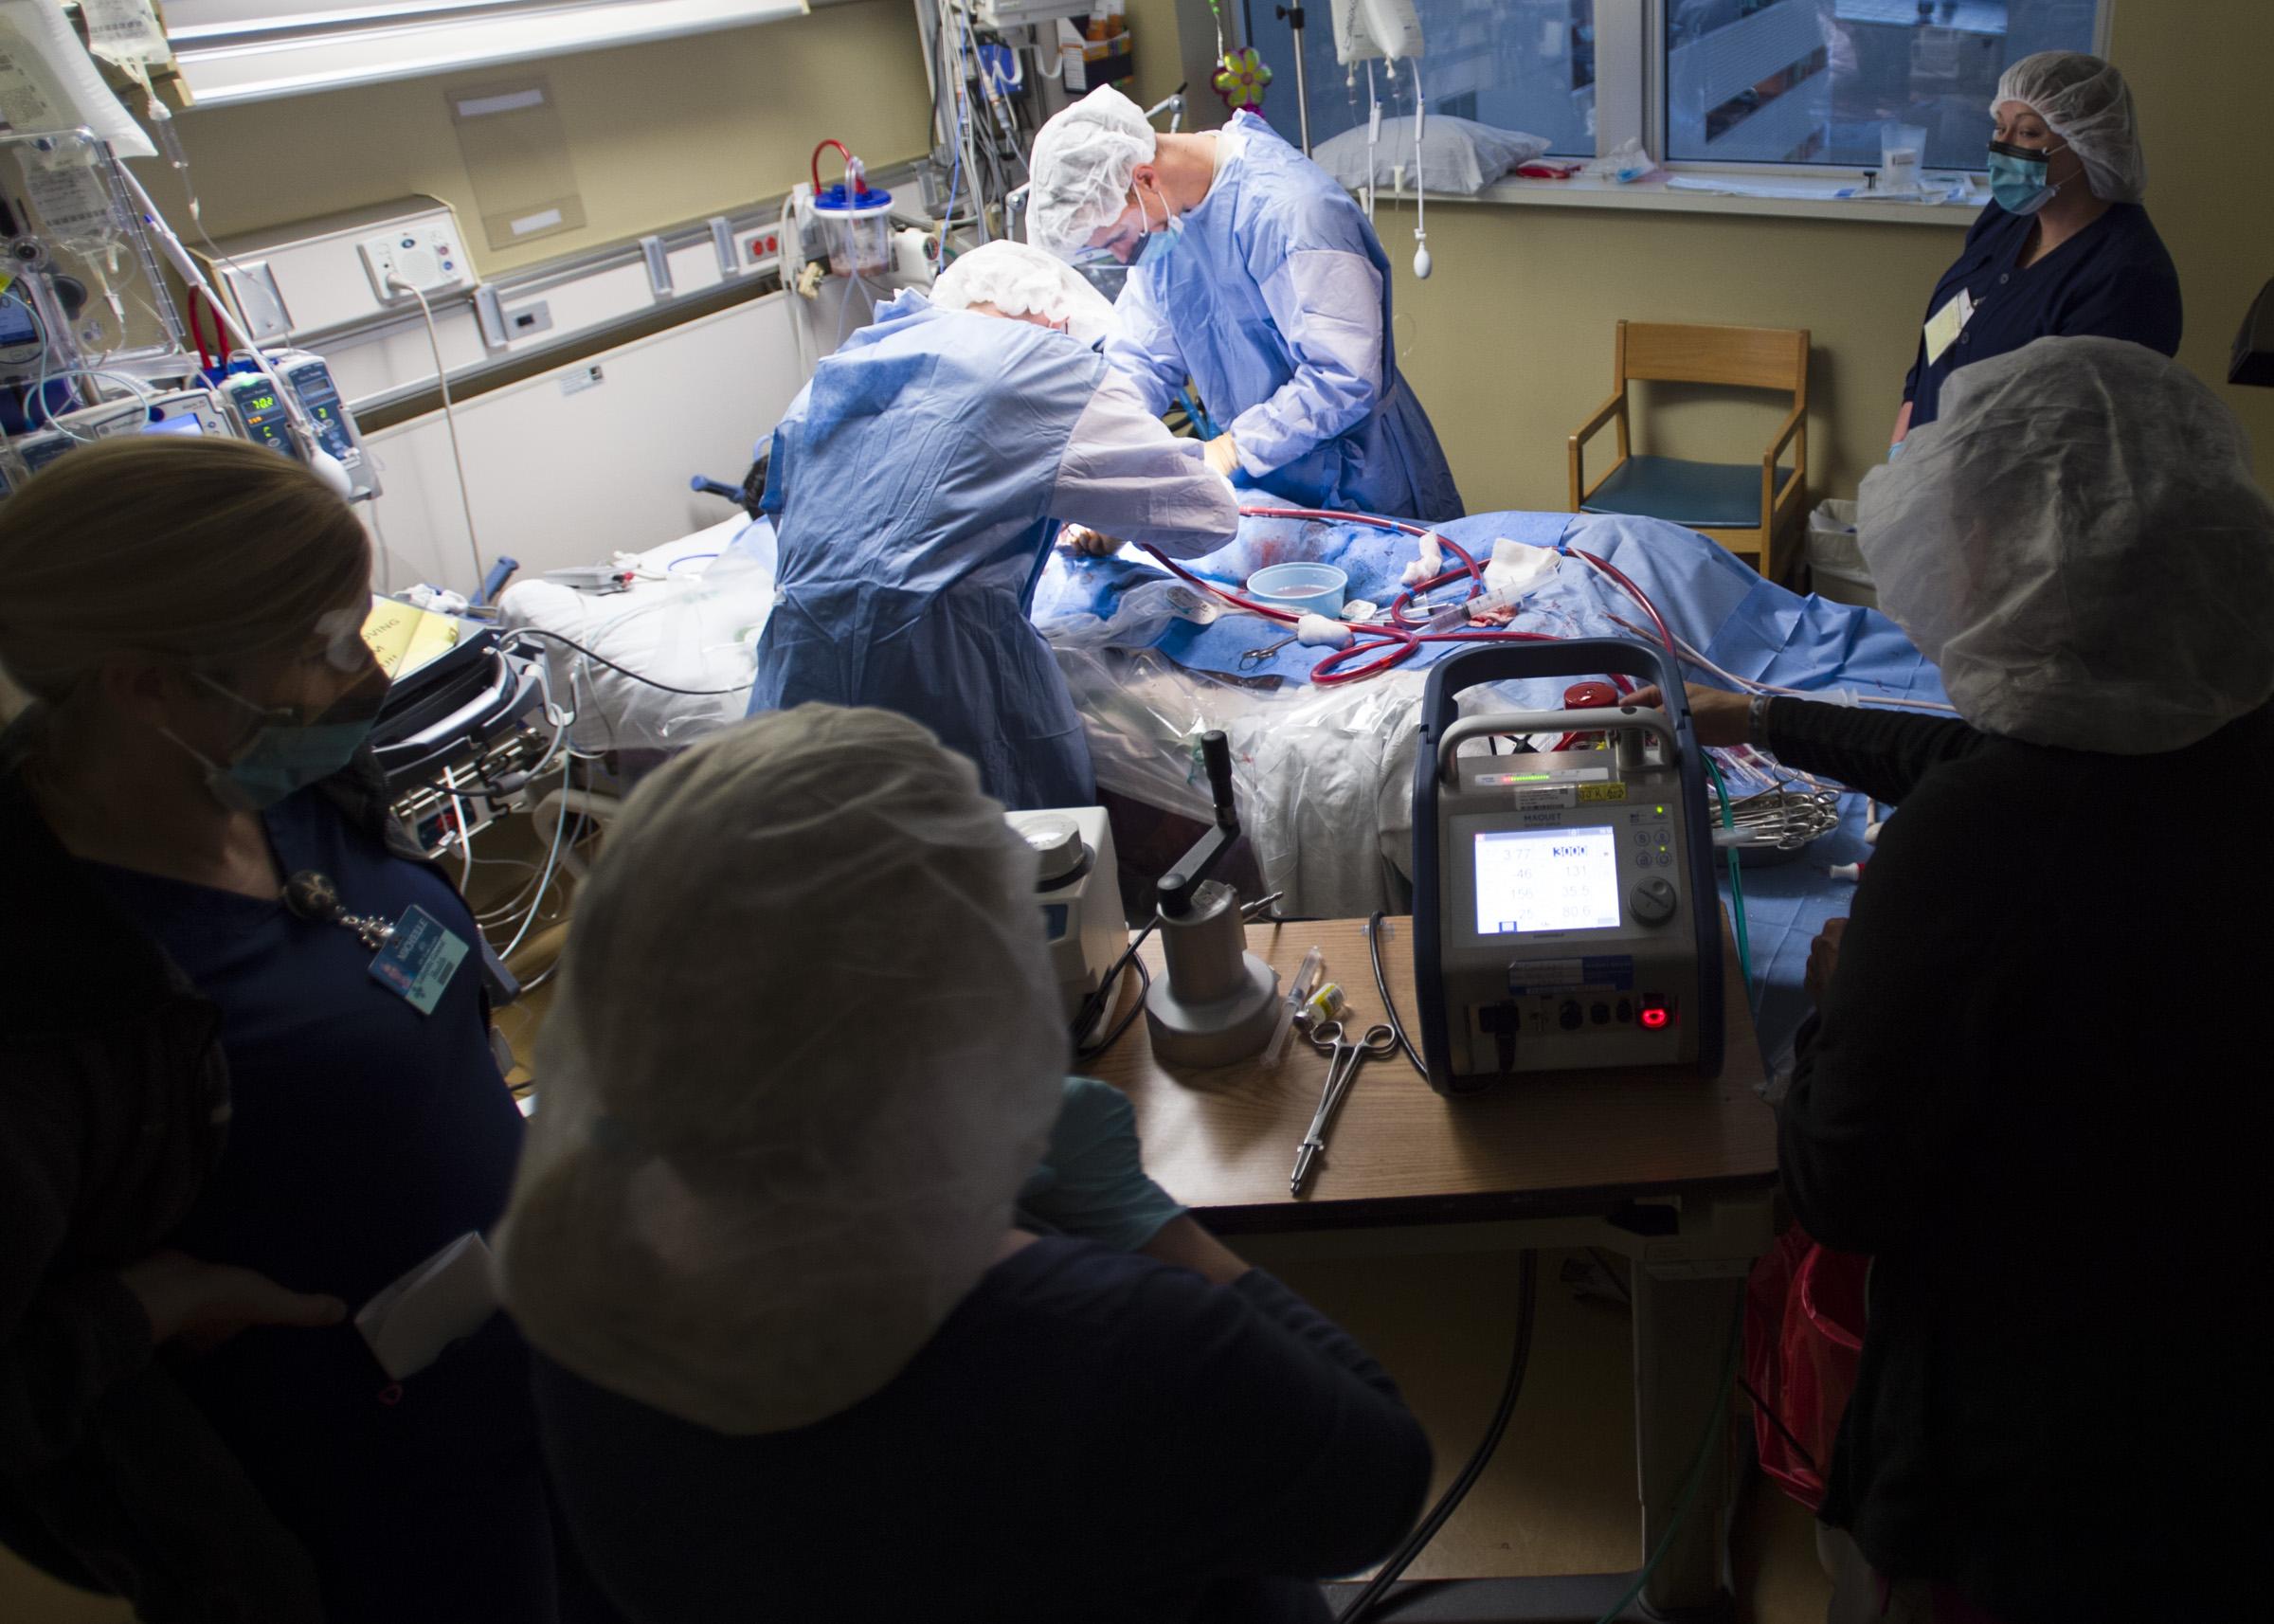 Circulación extracorpórea urgente para salvar vidas